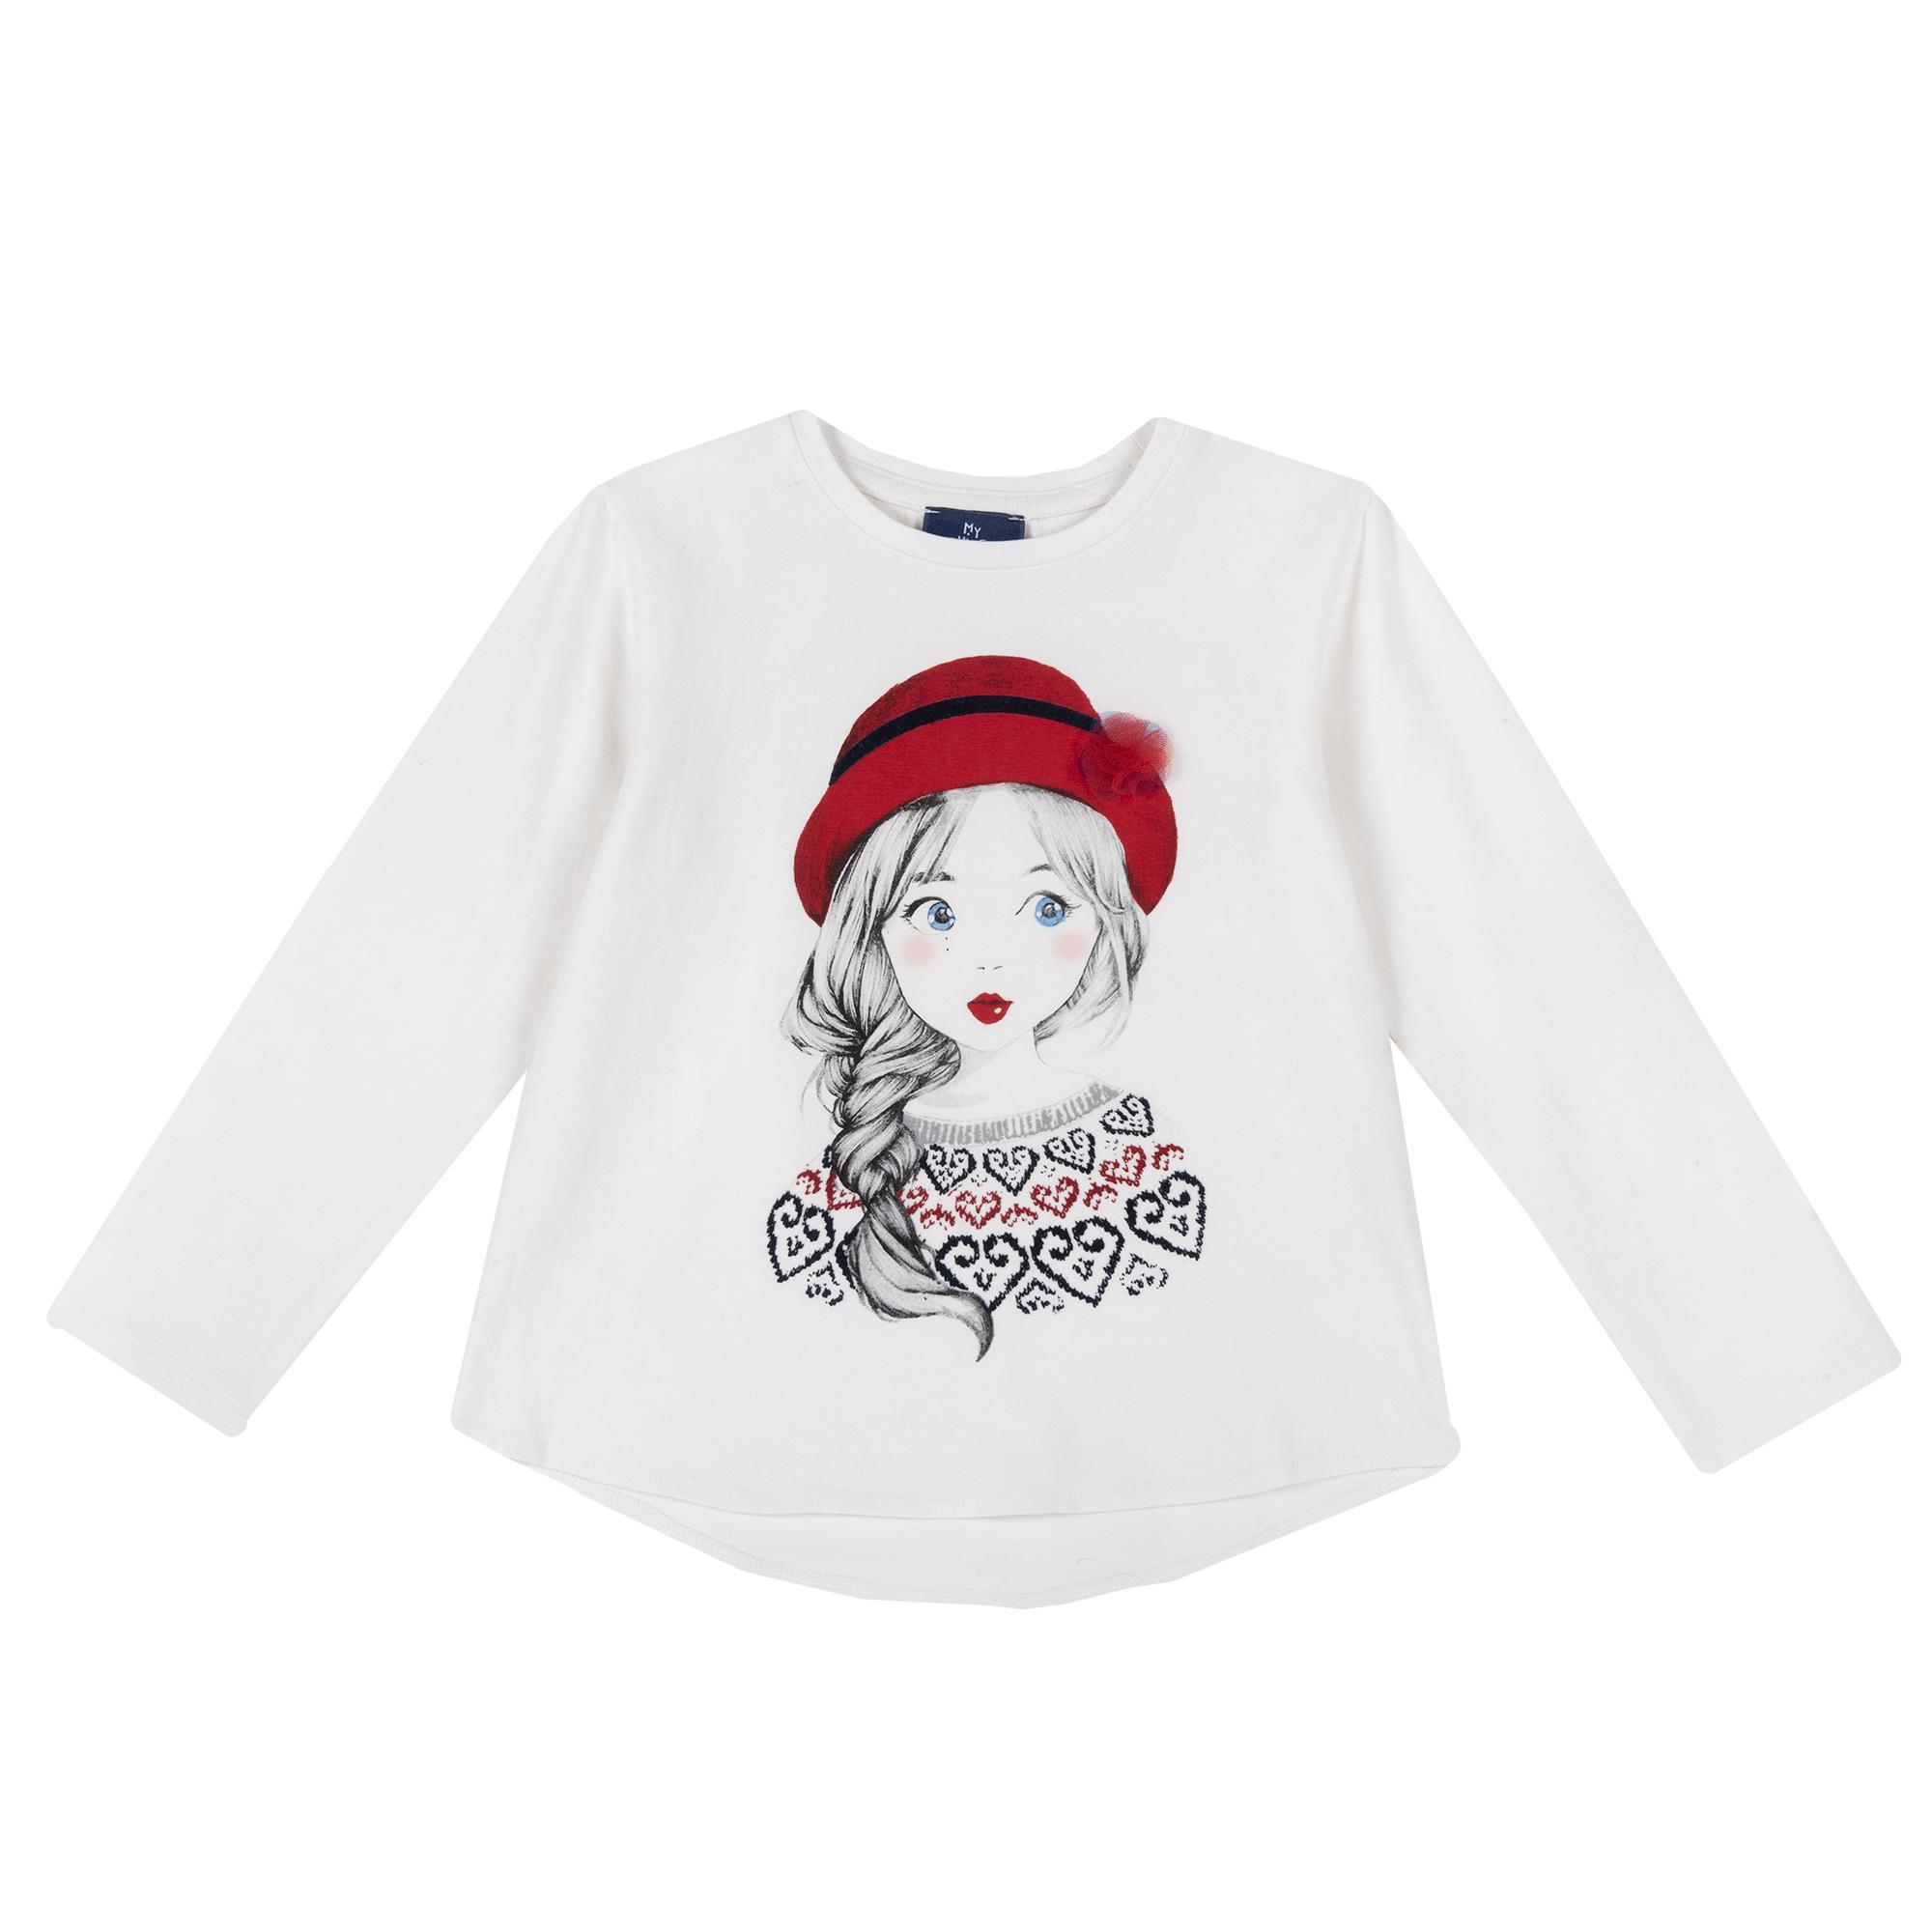 Bluza Copii Chicco, Alb Cu Imprimeu, 64875 imagine